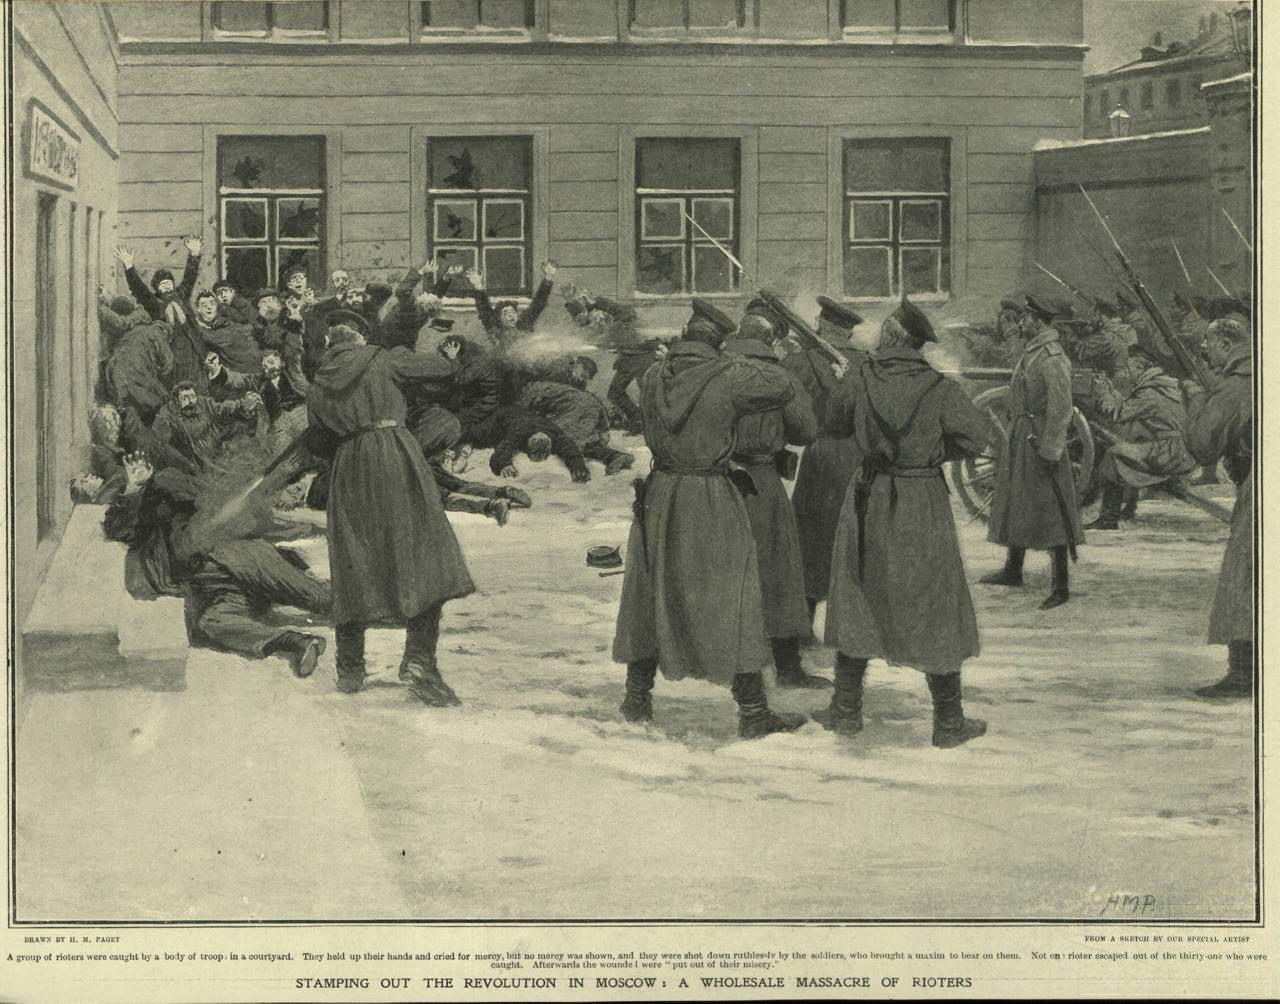 препятствует фотографии русских революционеров примеру